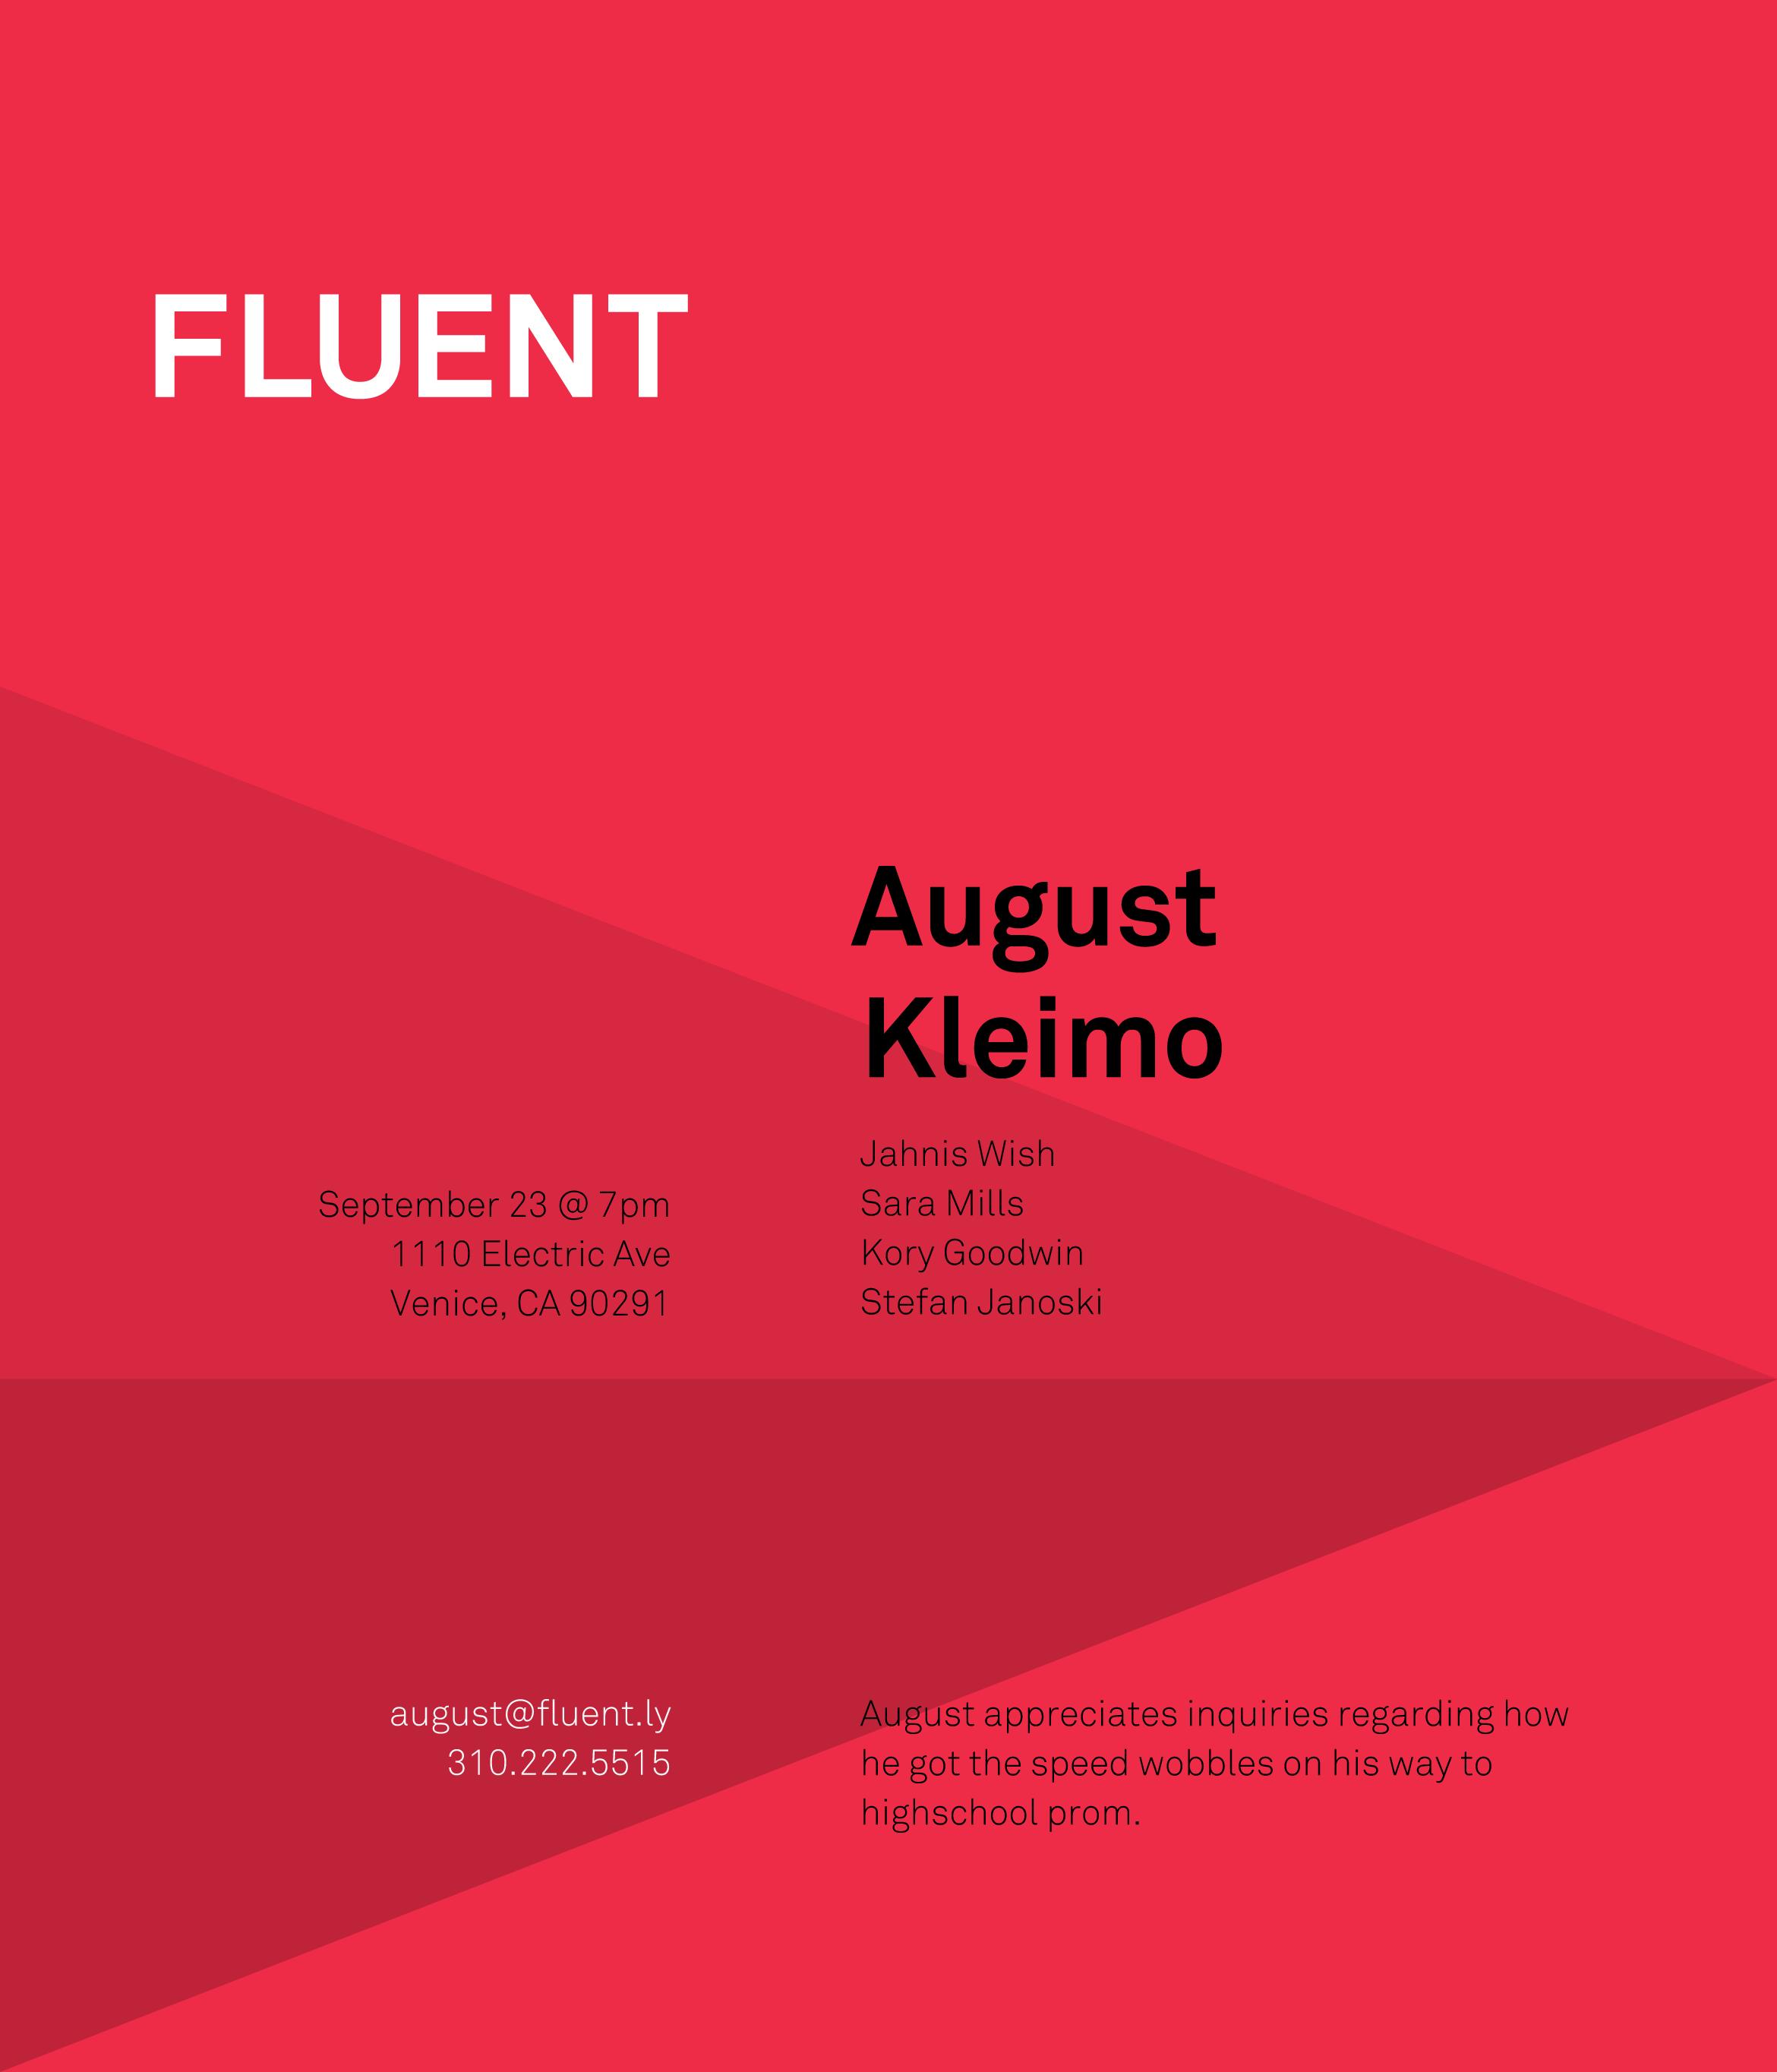 raykovich_fluent_poster_01